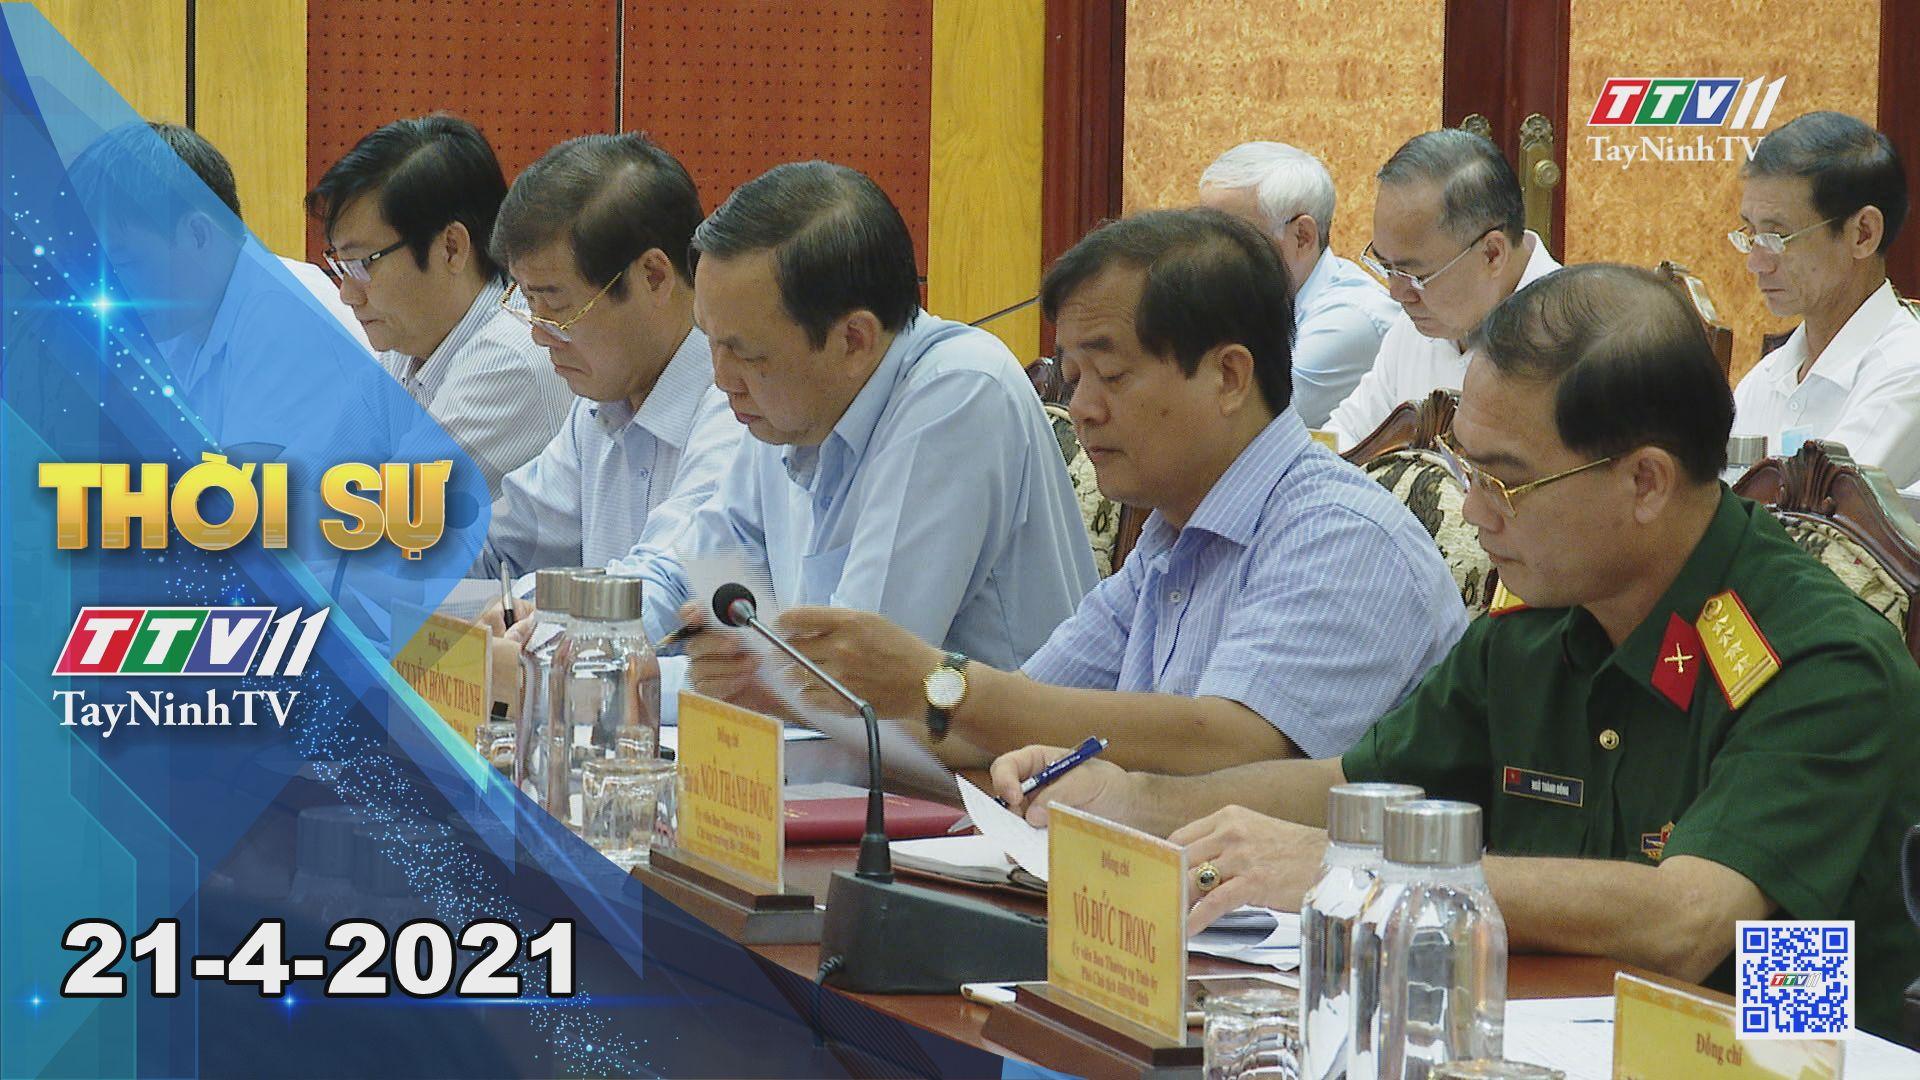 Thời sự Tây Ninh 21-4-2021 | Tin tức hôm nay | TayNinhTV